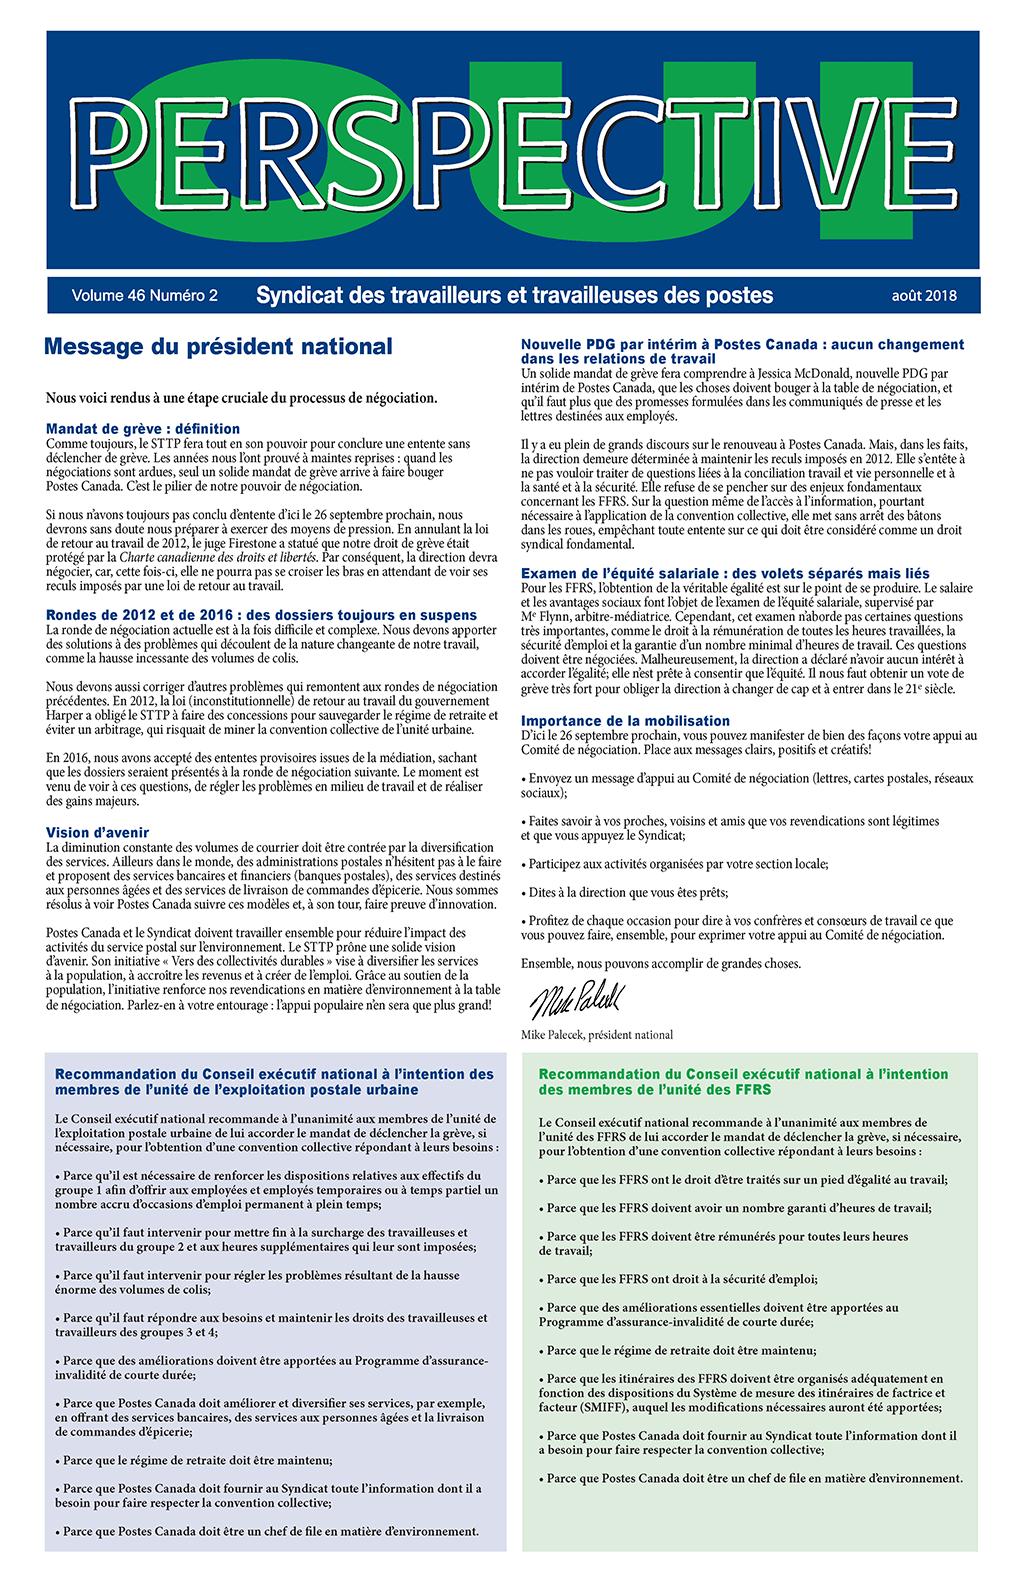 Vote de grève des unités urbaine et rurale (FFRS) – Dix raisons de voter OUI (Perspective)